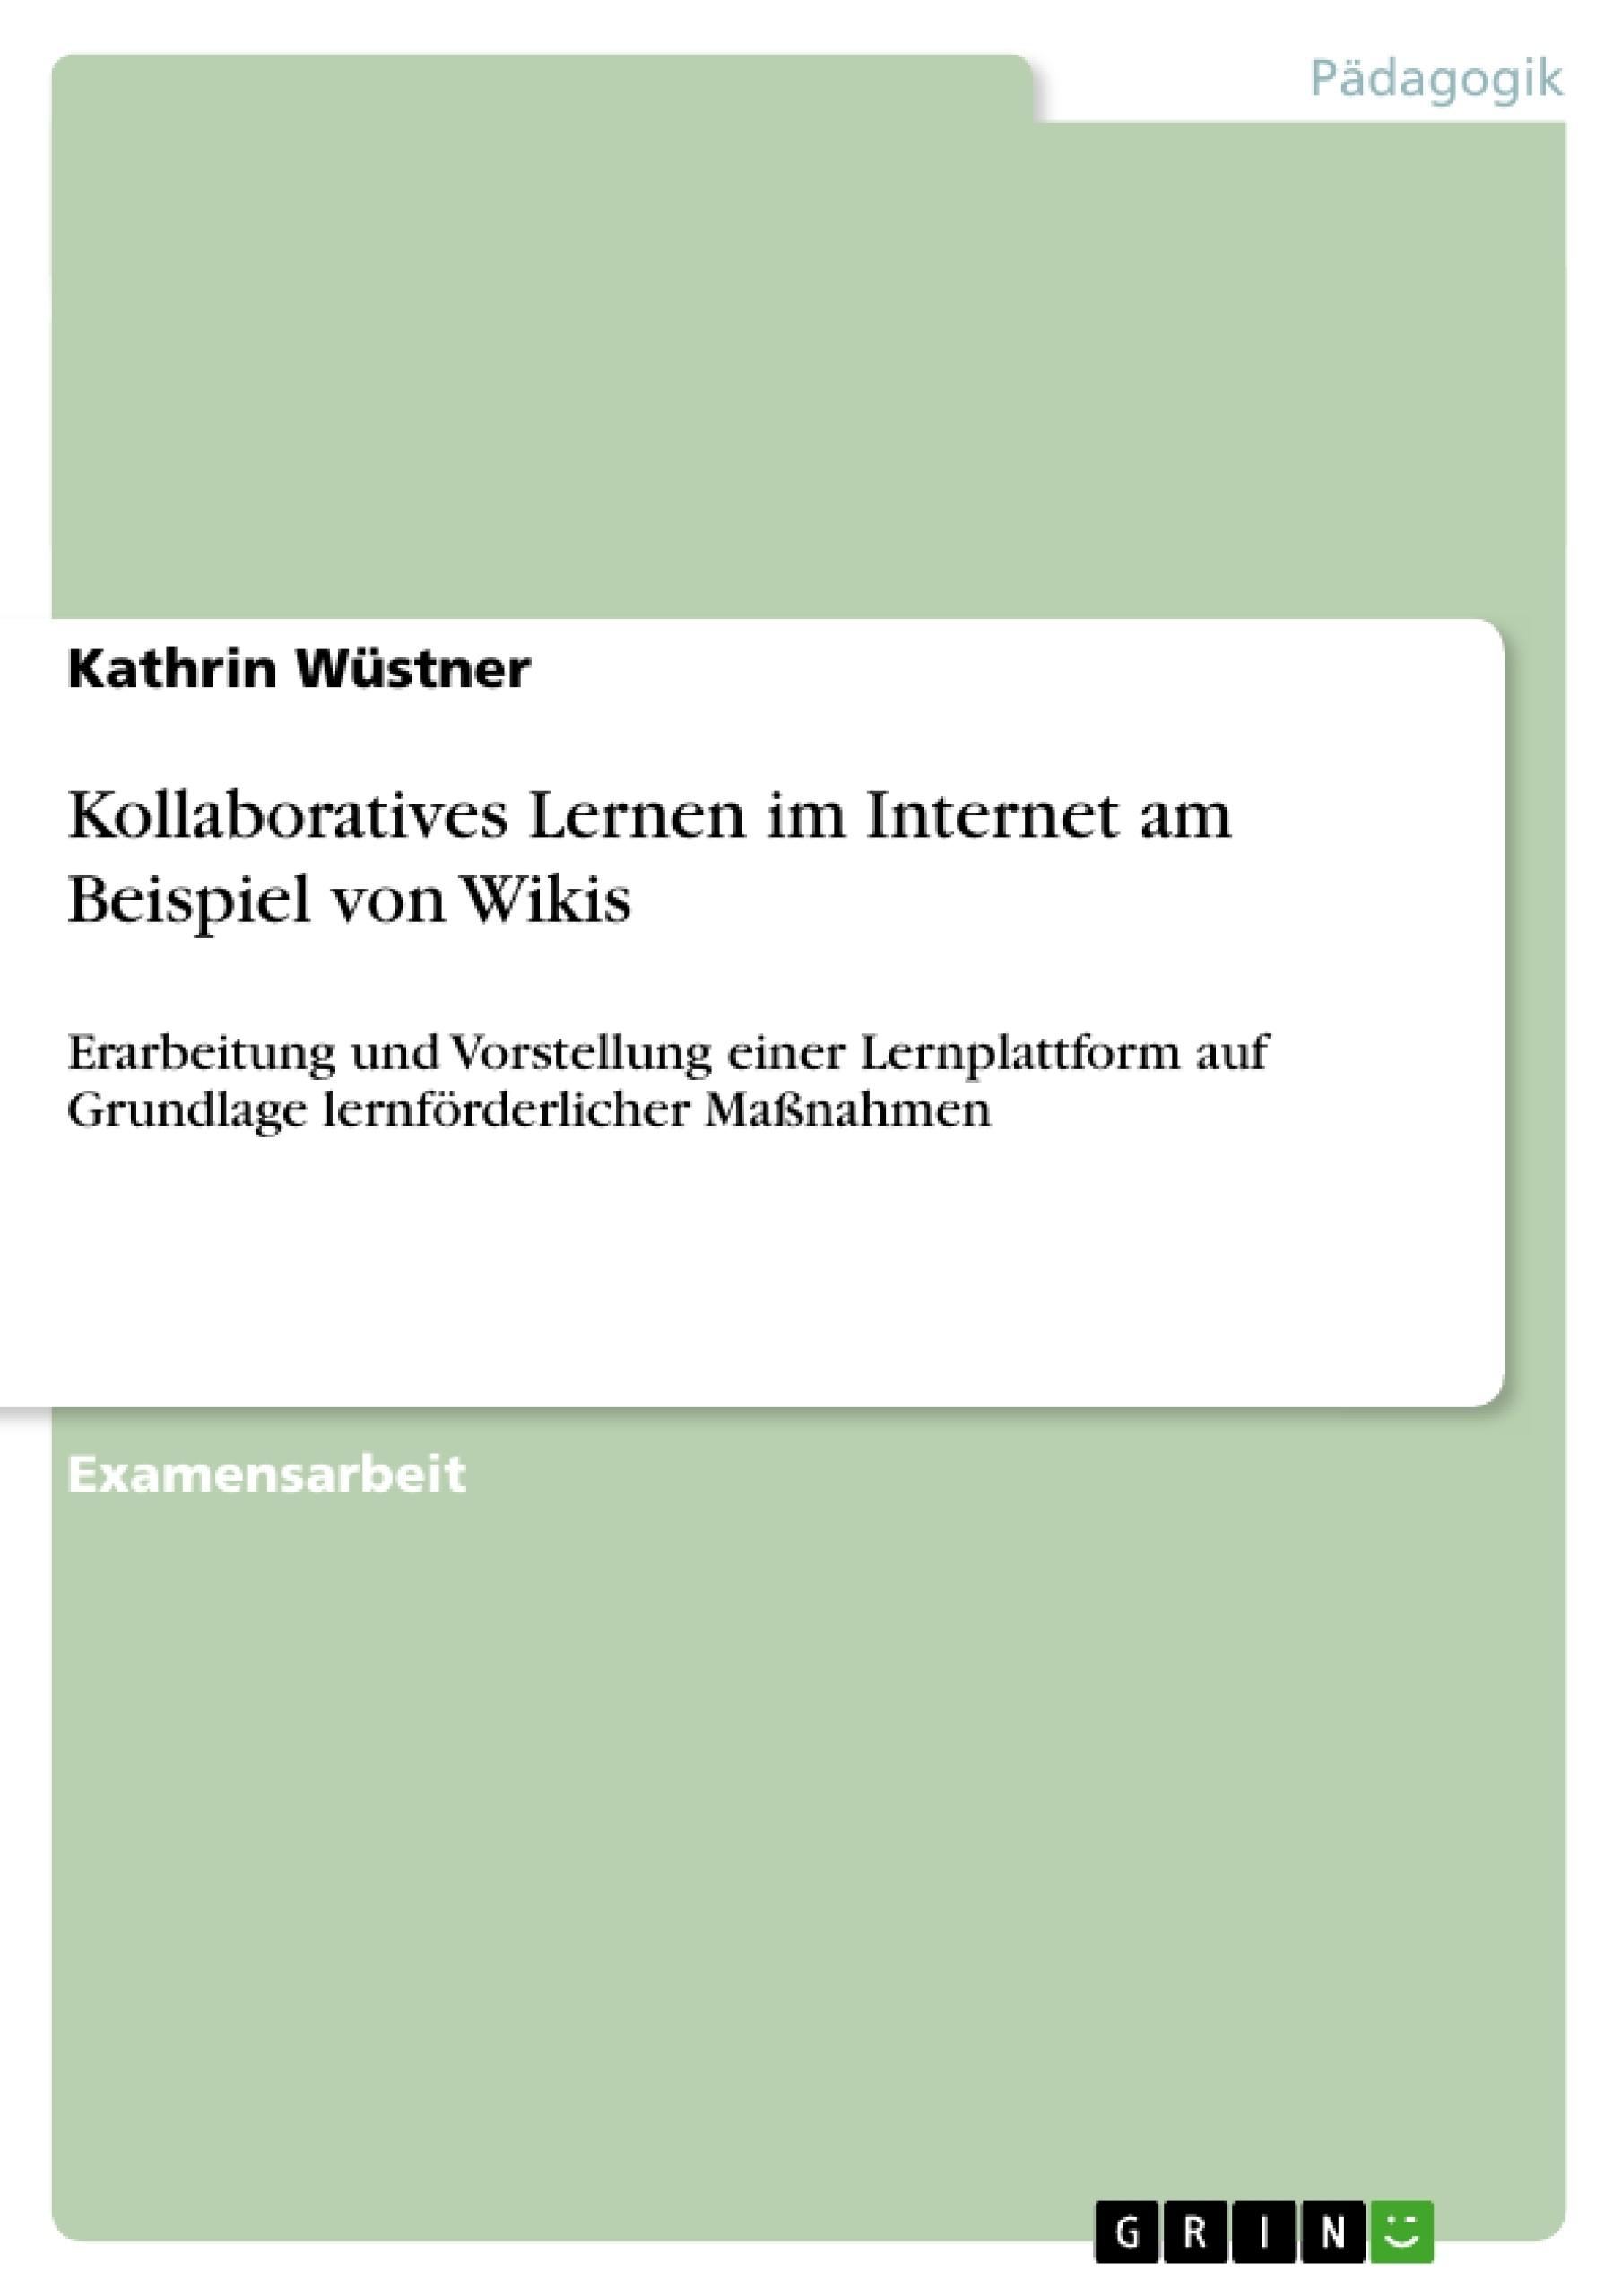 Titel: Kollaboratives Lernen im Internet am Beispiel von Wikis